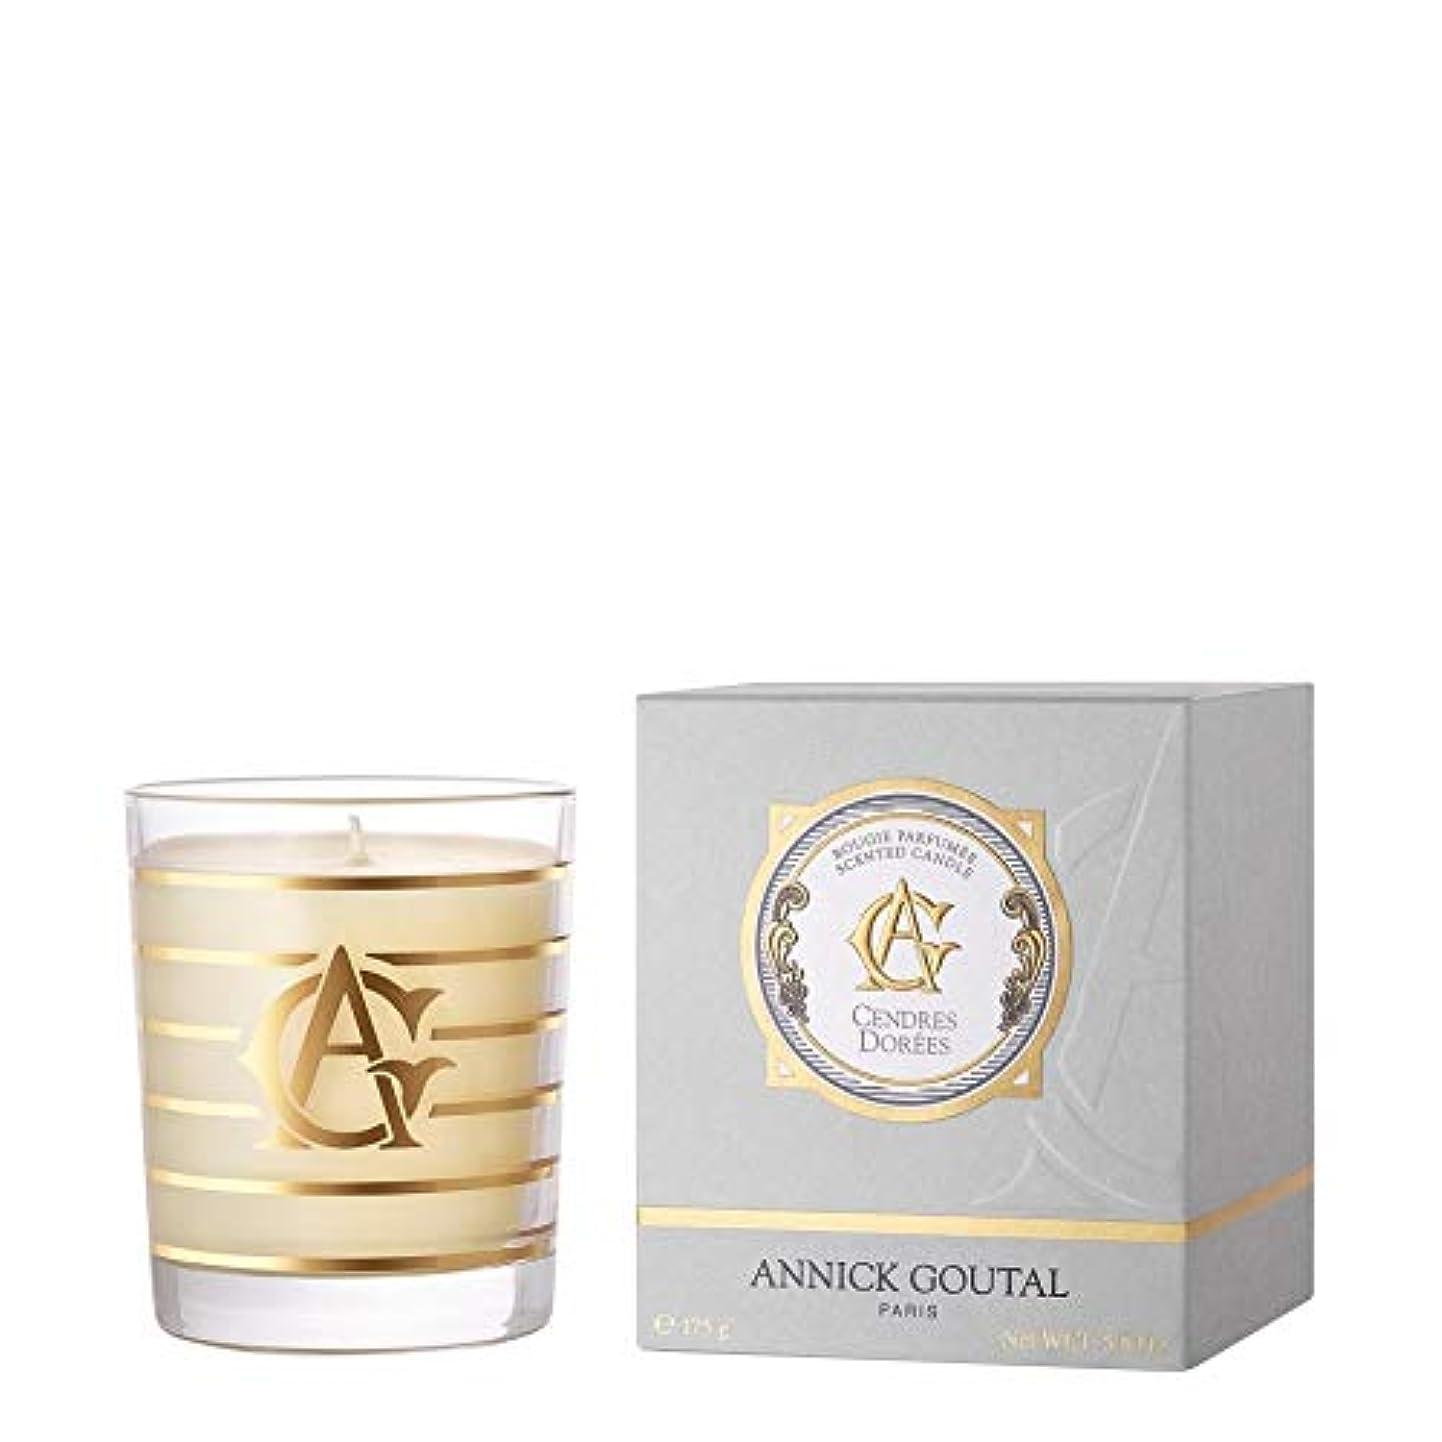 寄付する資料閉じ込める[Annick Goutal ] アニックグタールCendres Dorees香りのキャンドル175グラム - Annick Goutal Cendres Dorees Perfumed Candle 175g [並行輸入品]